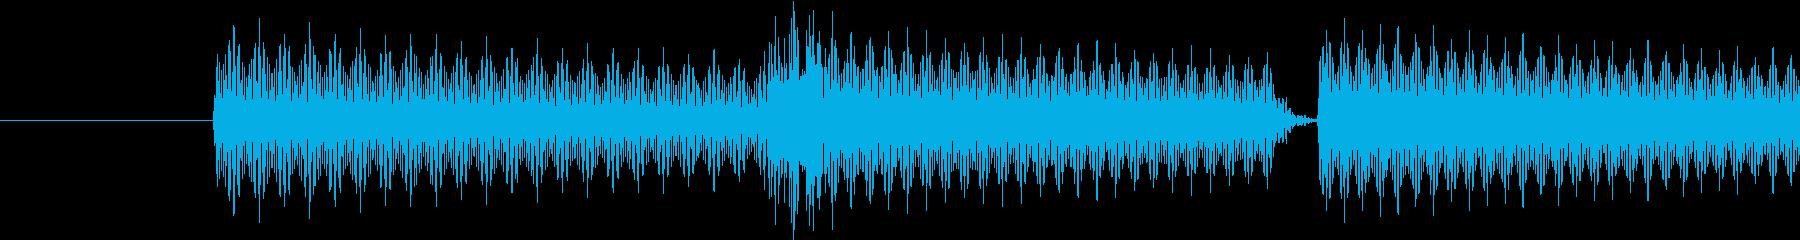 ゲーム(キャンセル、取り消し)の音の再生済みの波形